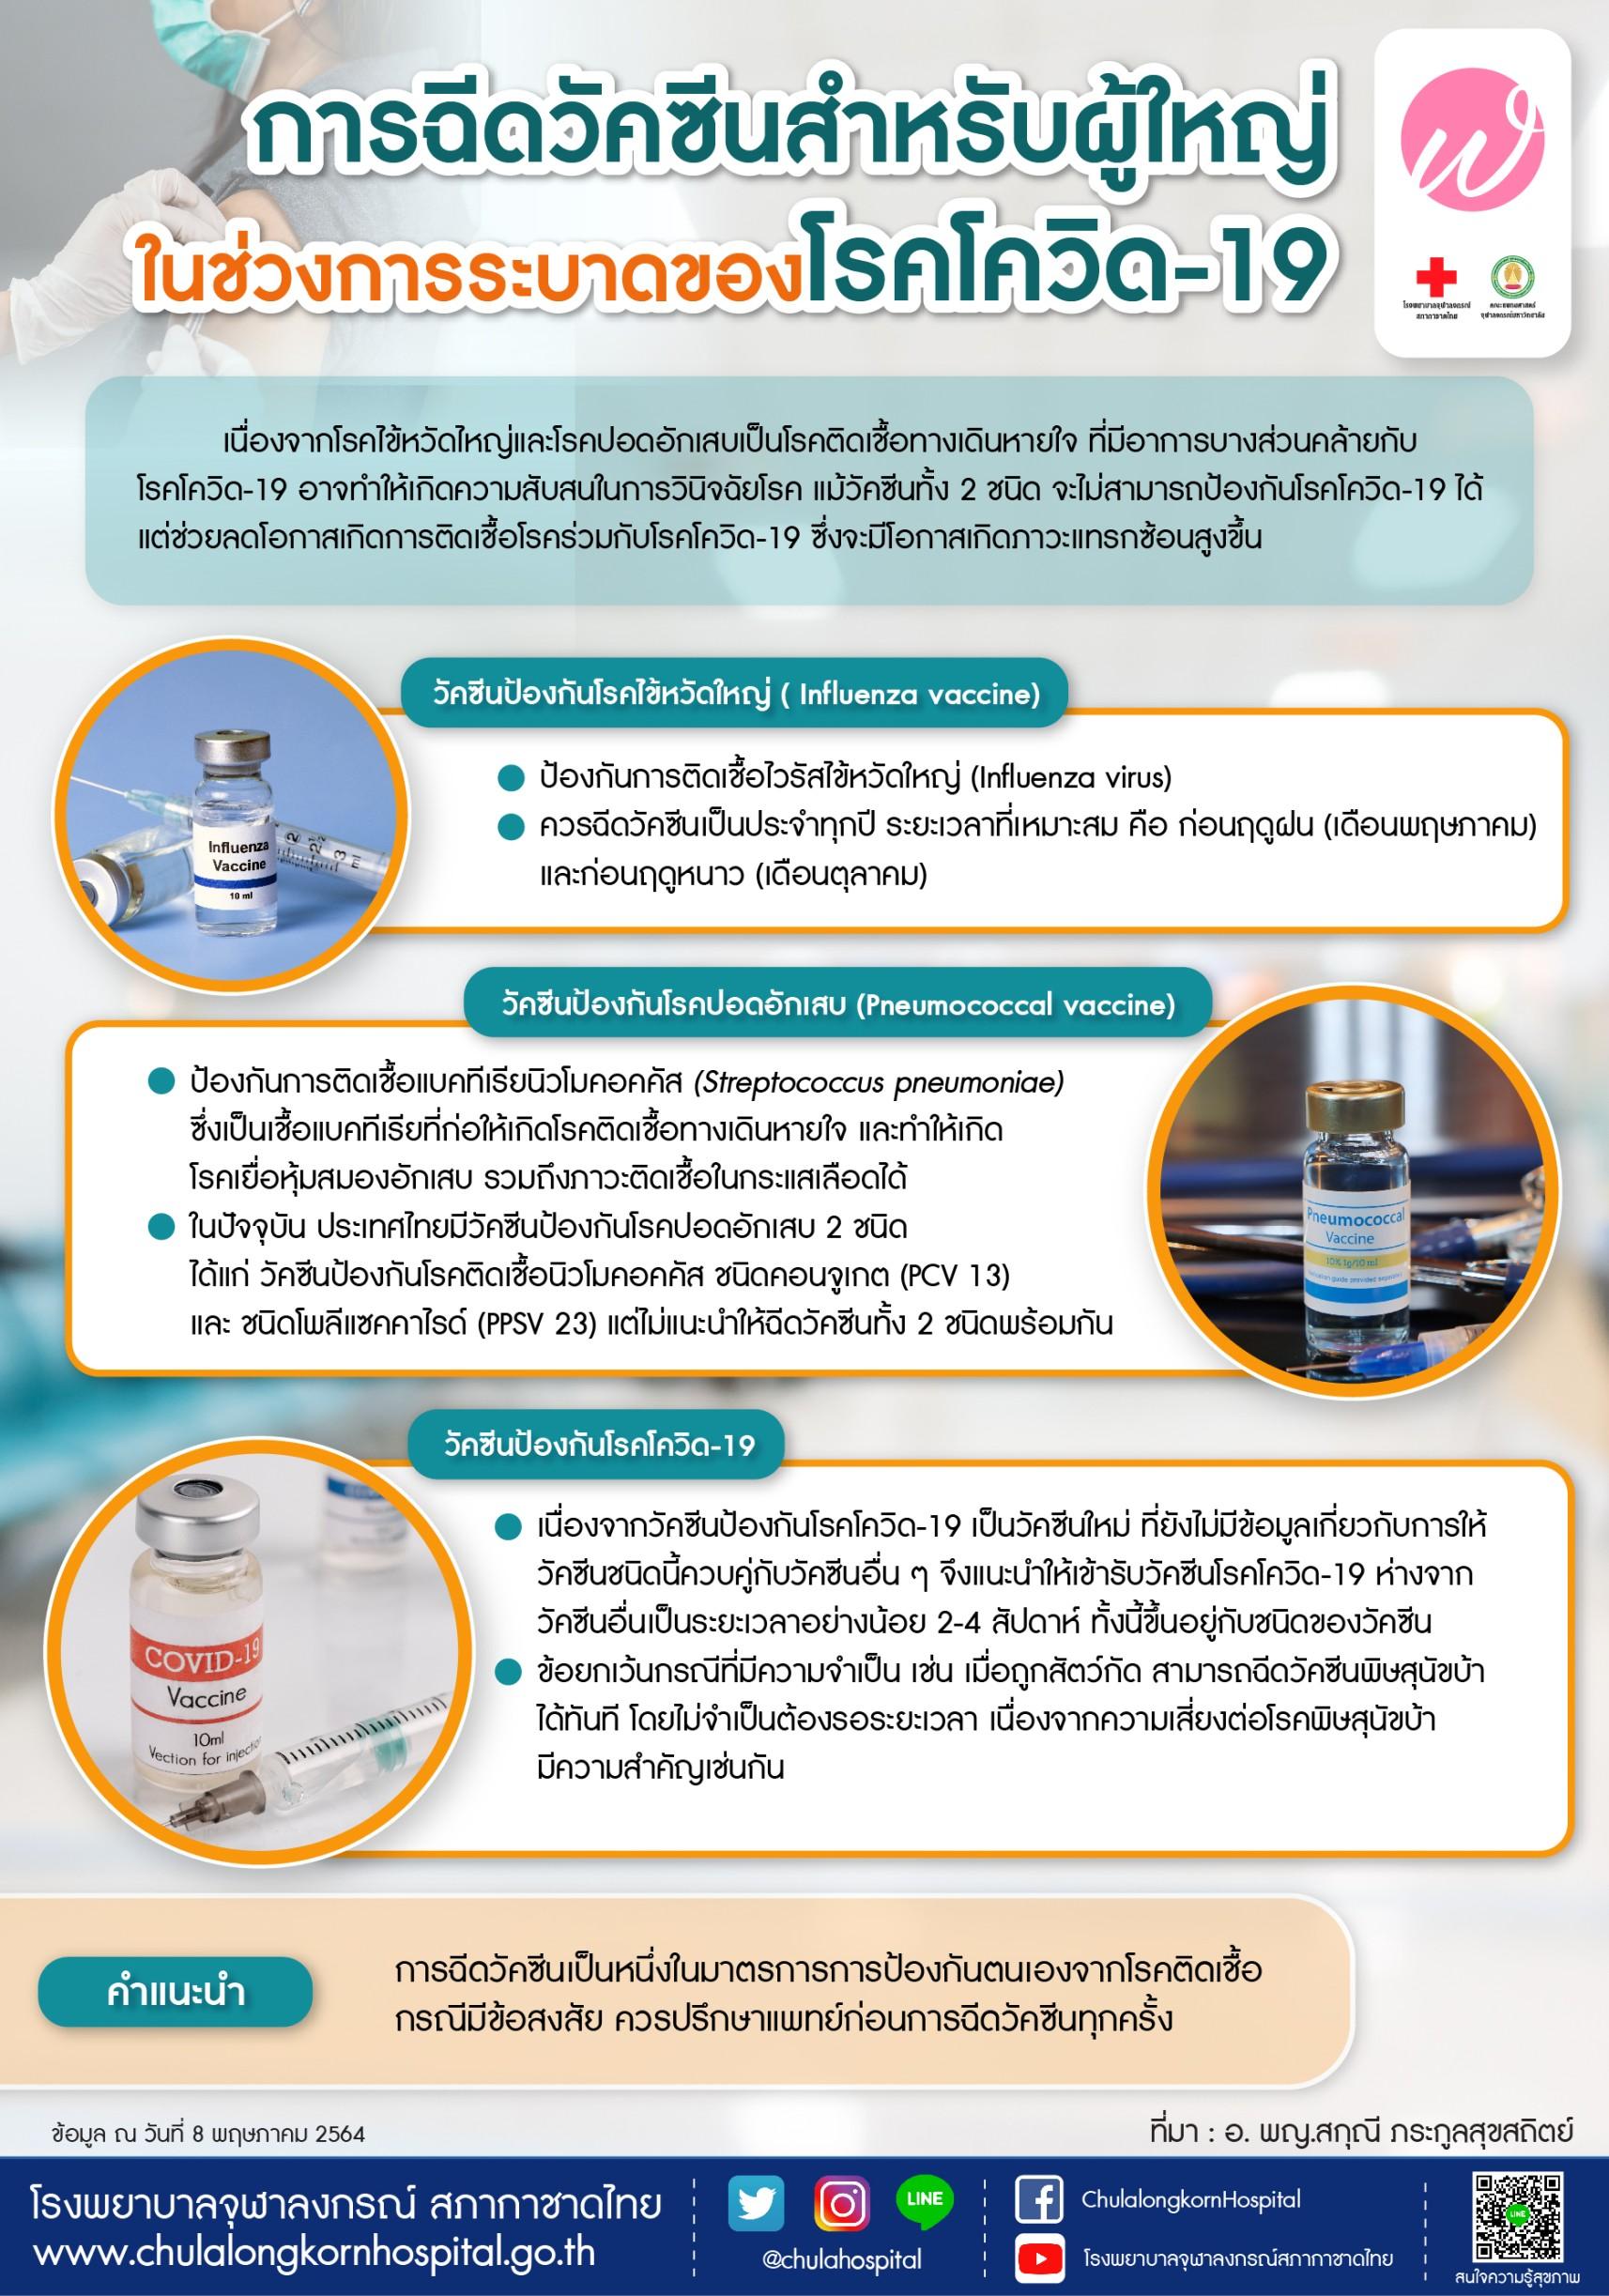 การฉีดวัคซีนสำหรับผู้ใหญ่ในช่วงการระบาดของโรคโควิด-19